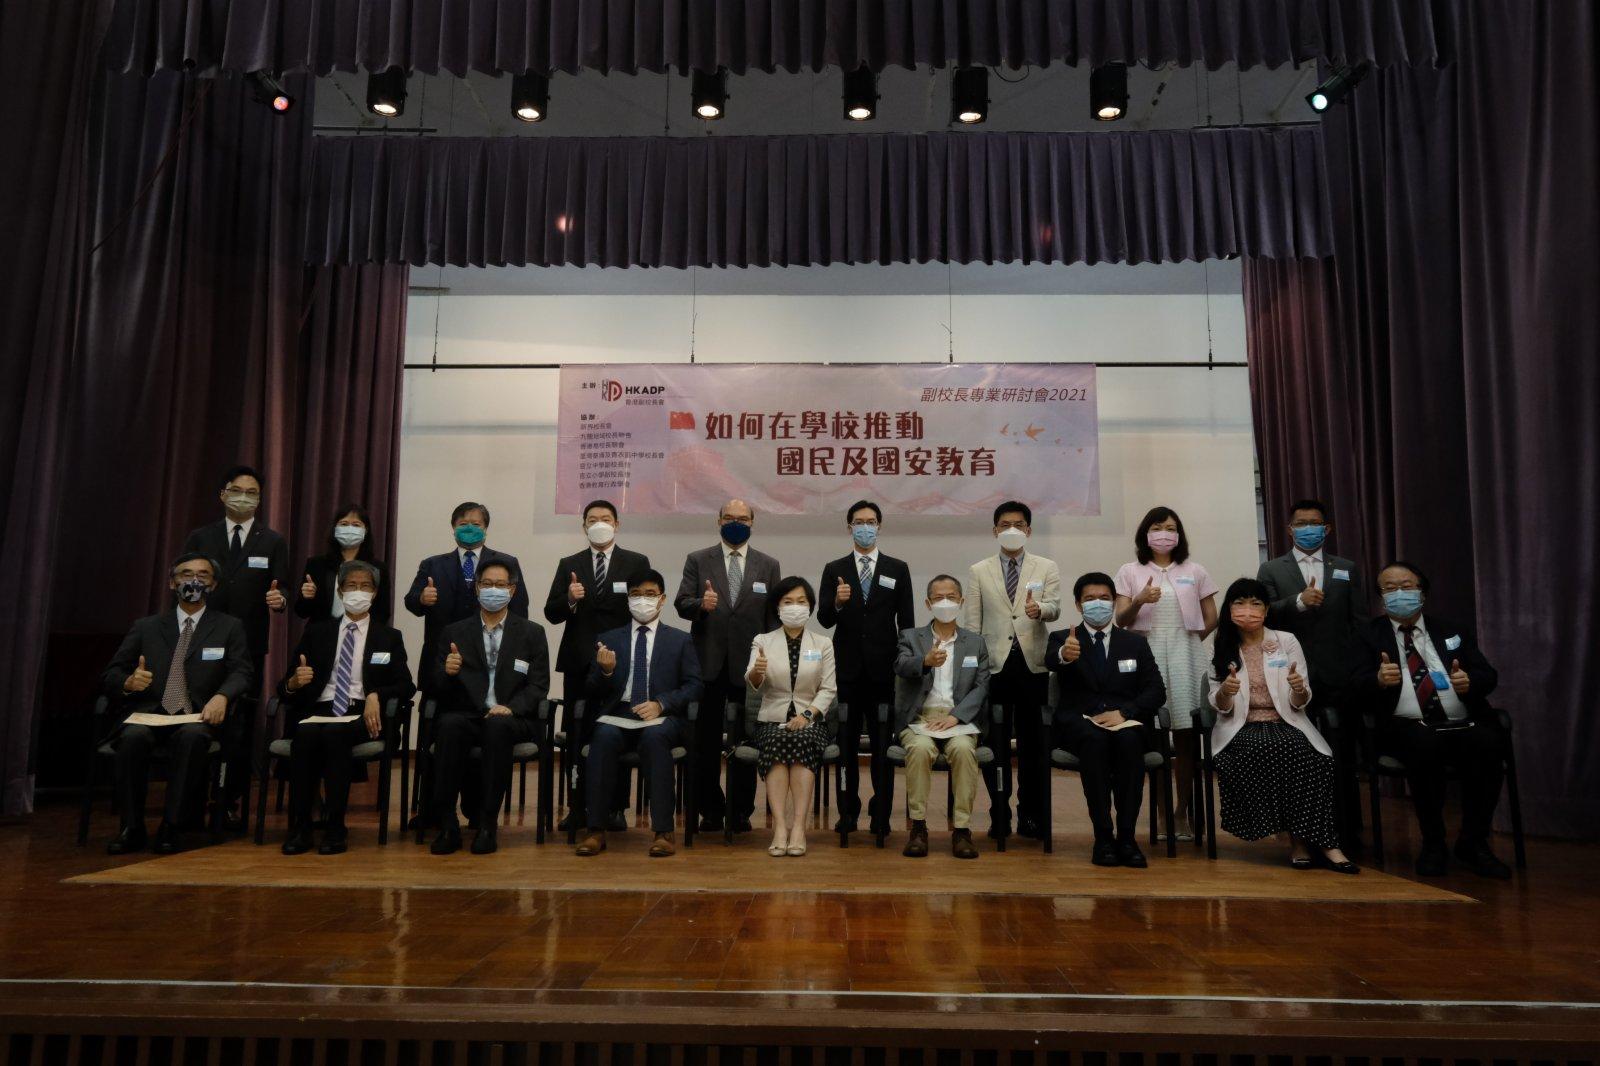 香港副校長會今日(15日)舉辦「如何在學校推動國民及國安教育」研討會。(香港文匯報記者陳大文 攝)